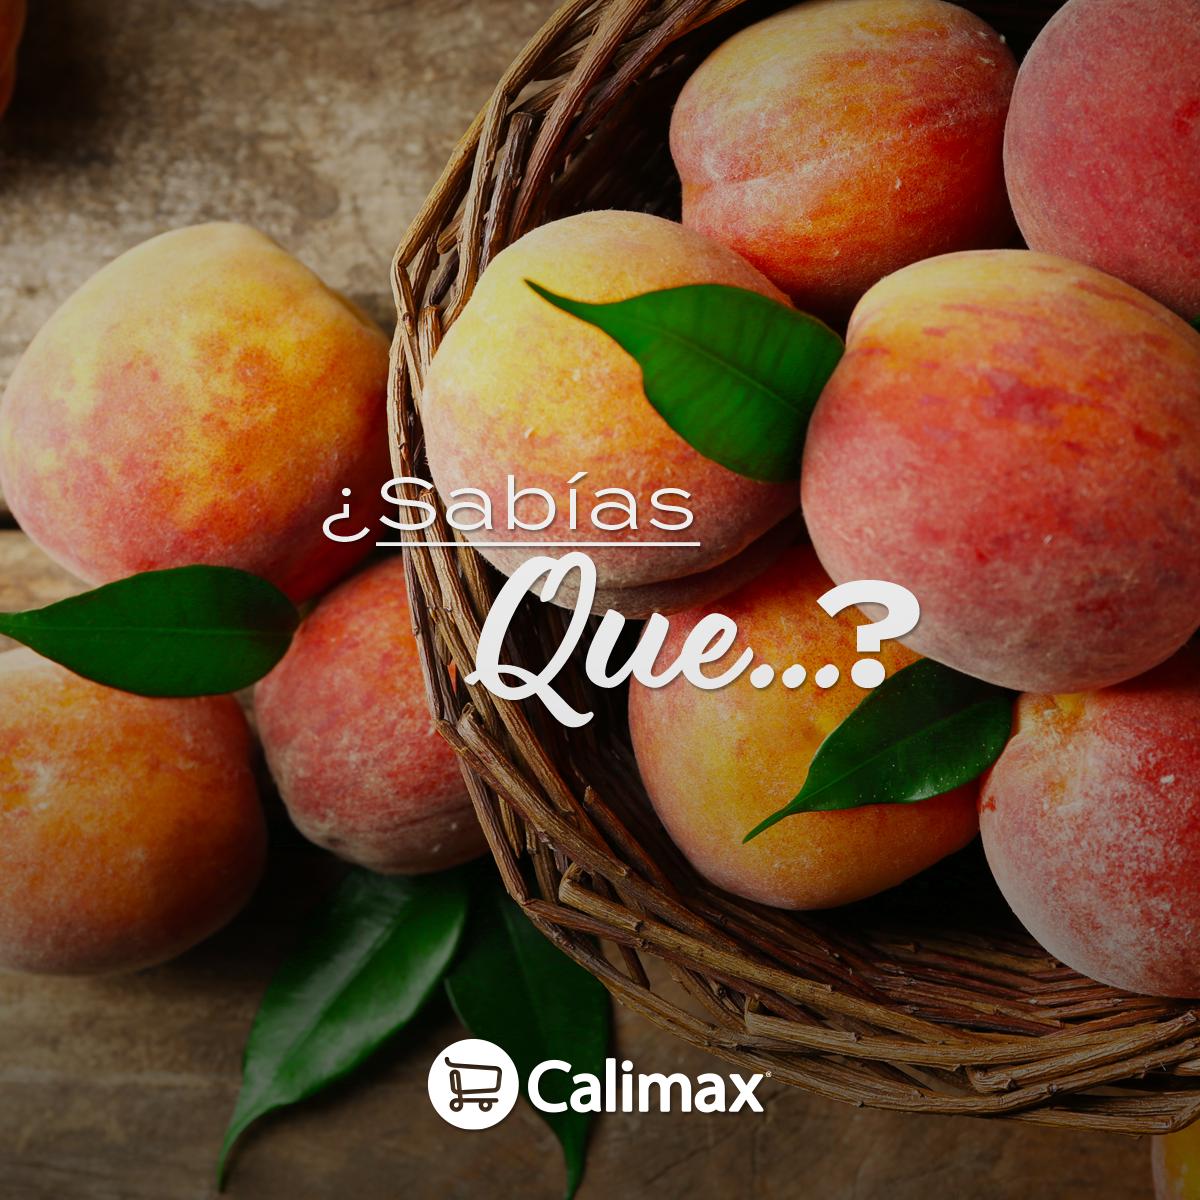 #SabíasQue El consumo de durazno previene enfermedades renales y cardiovasculares ¡En Calimax están los más frescos!